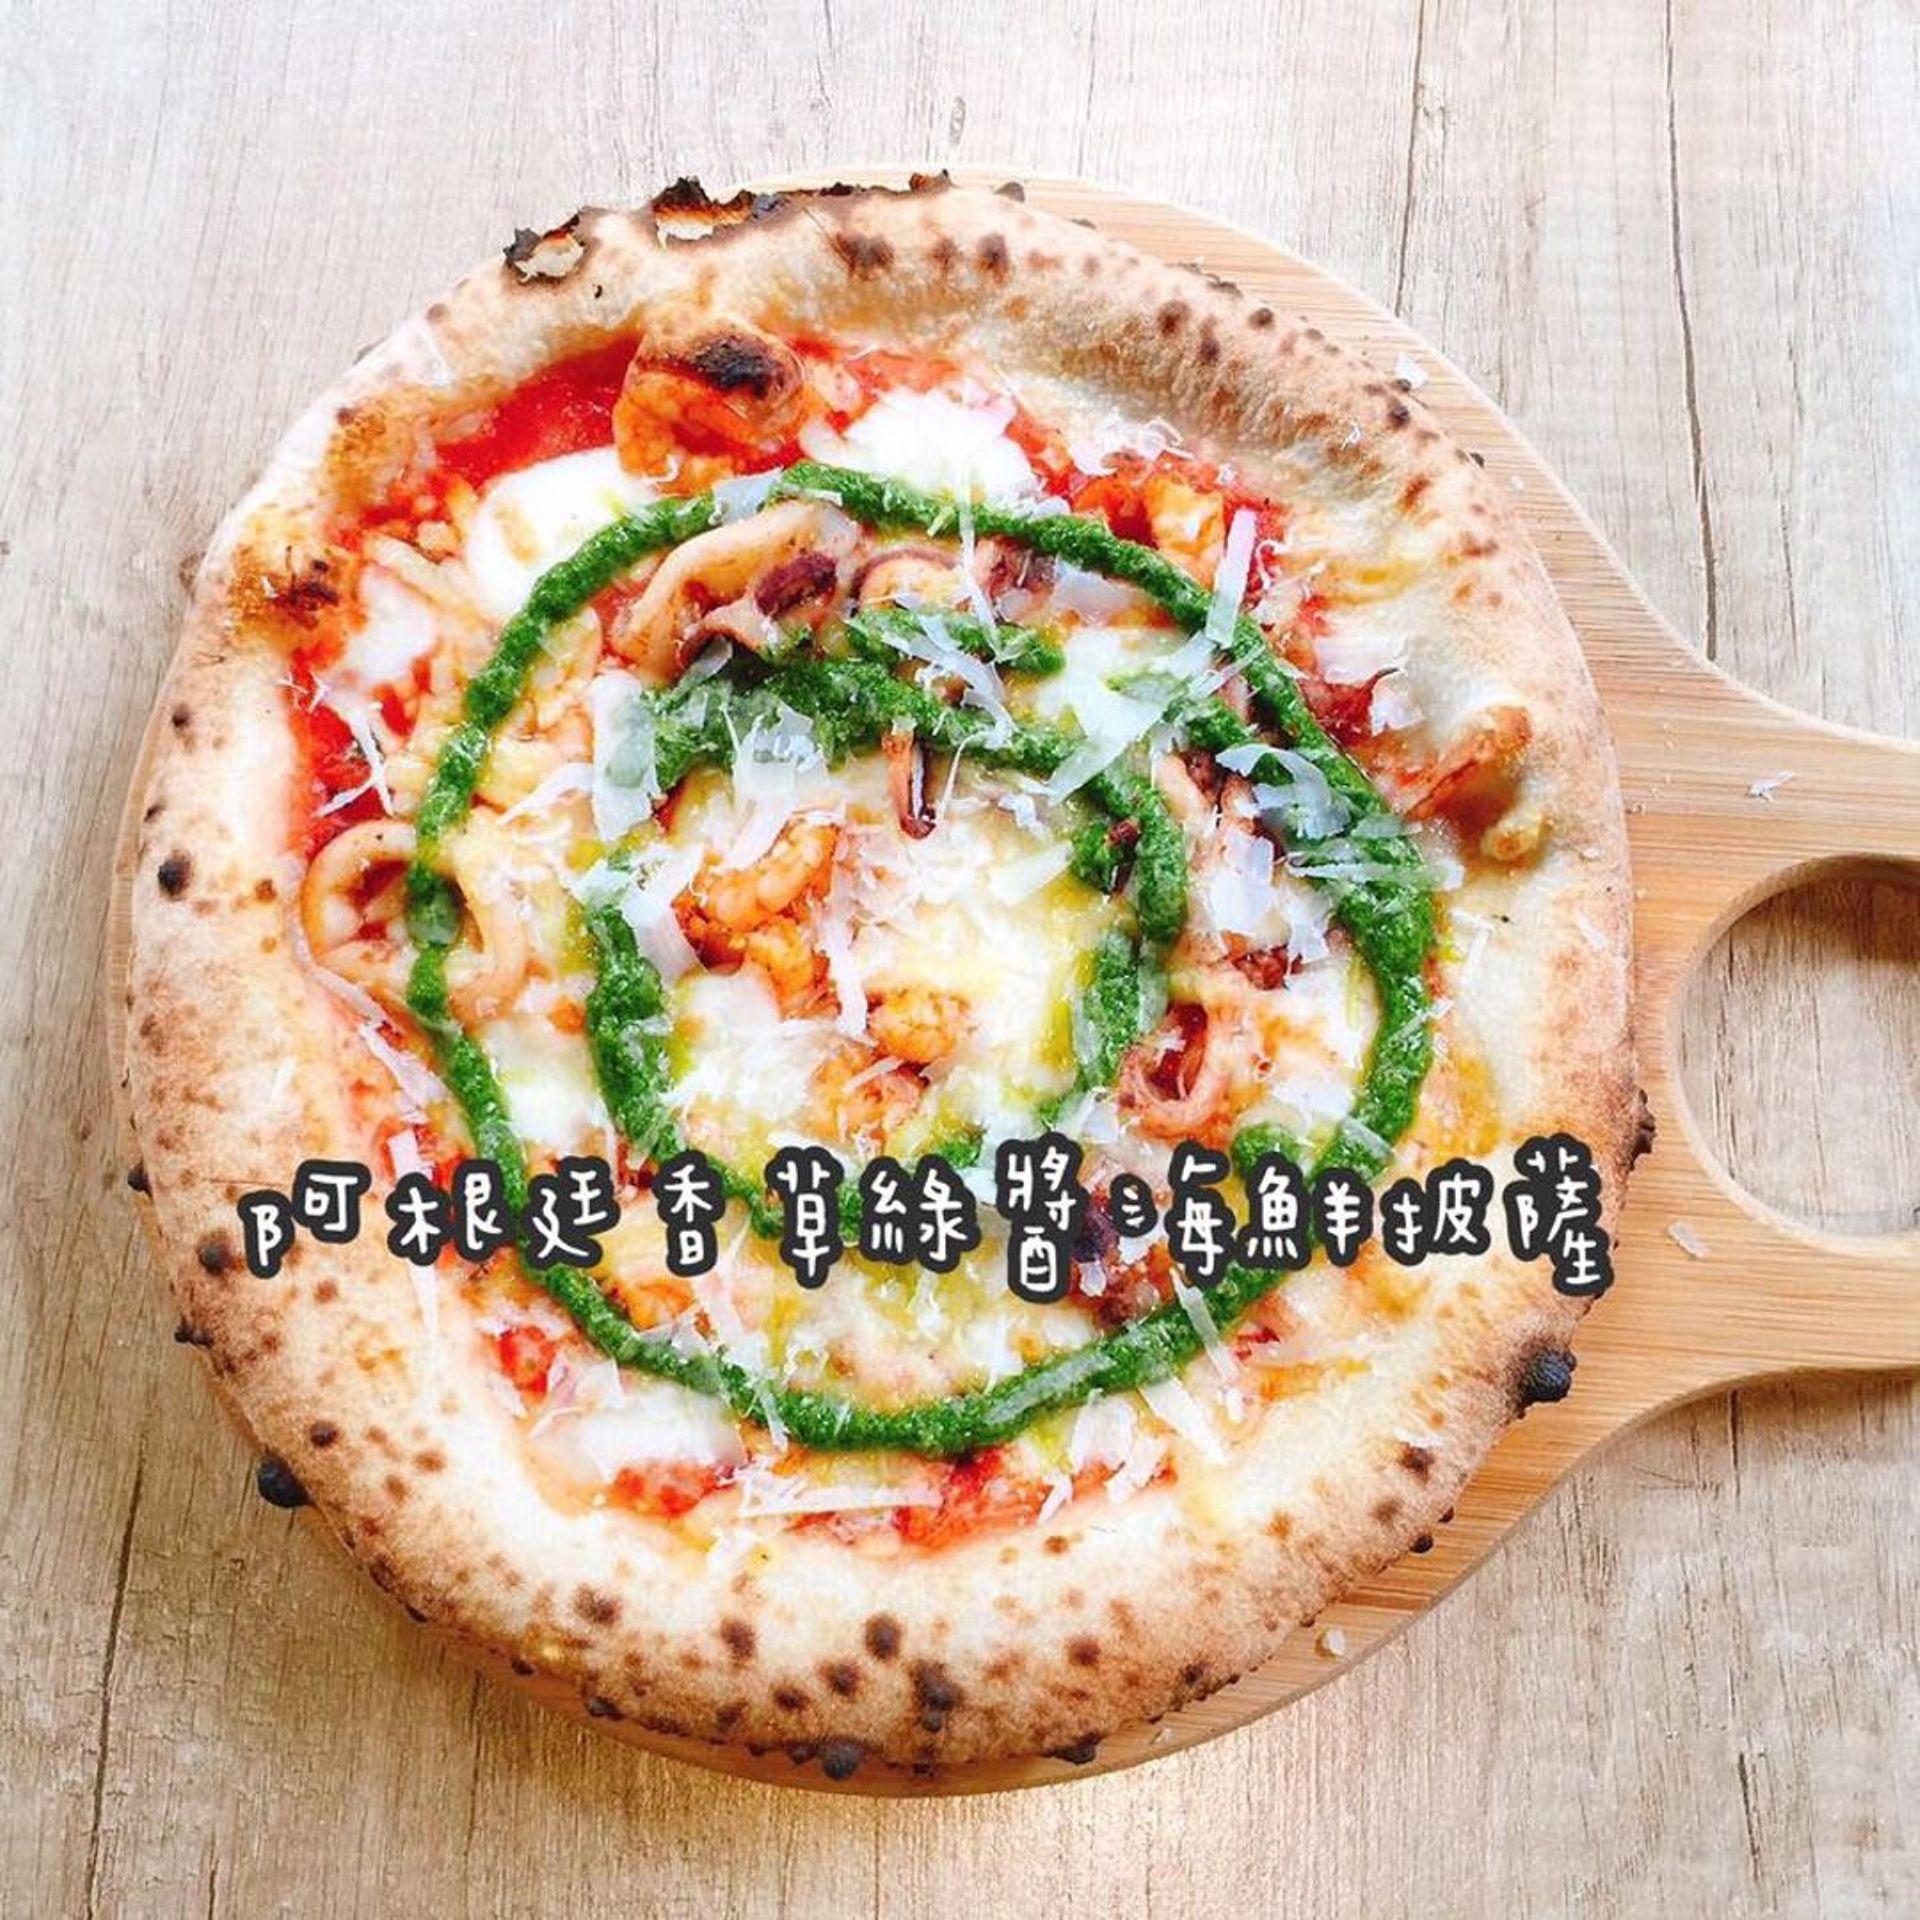 現點現烤的窯烤披薩,受到食客喜愛。